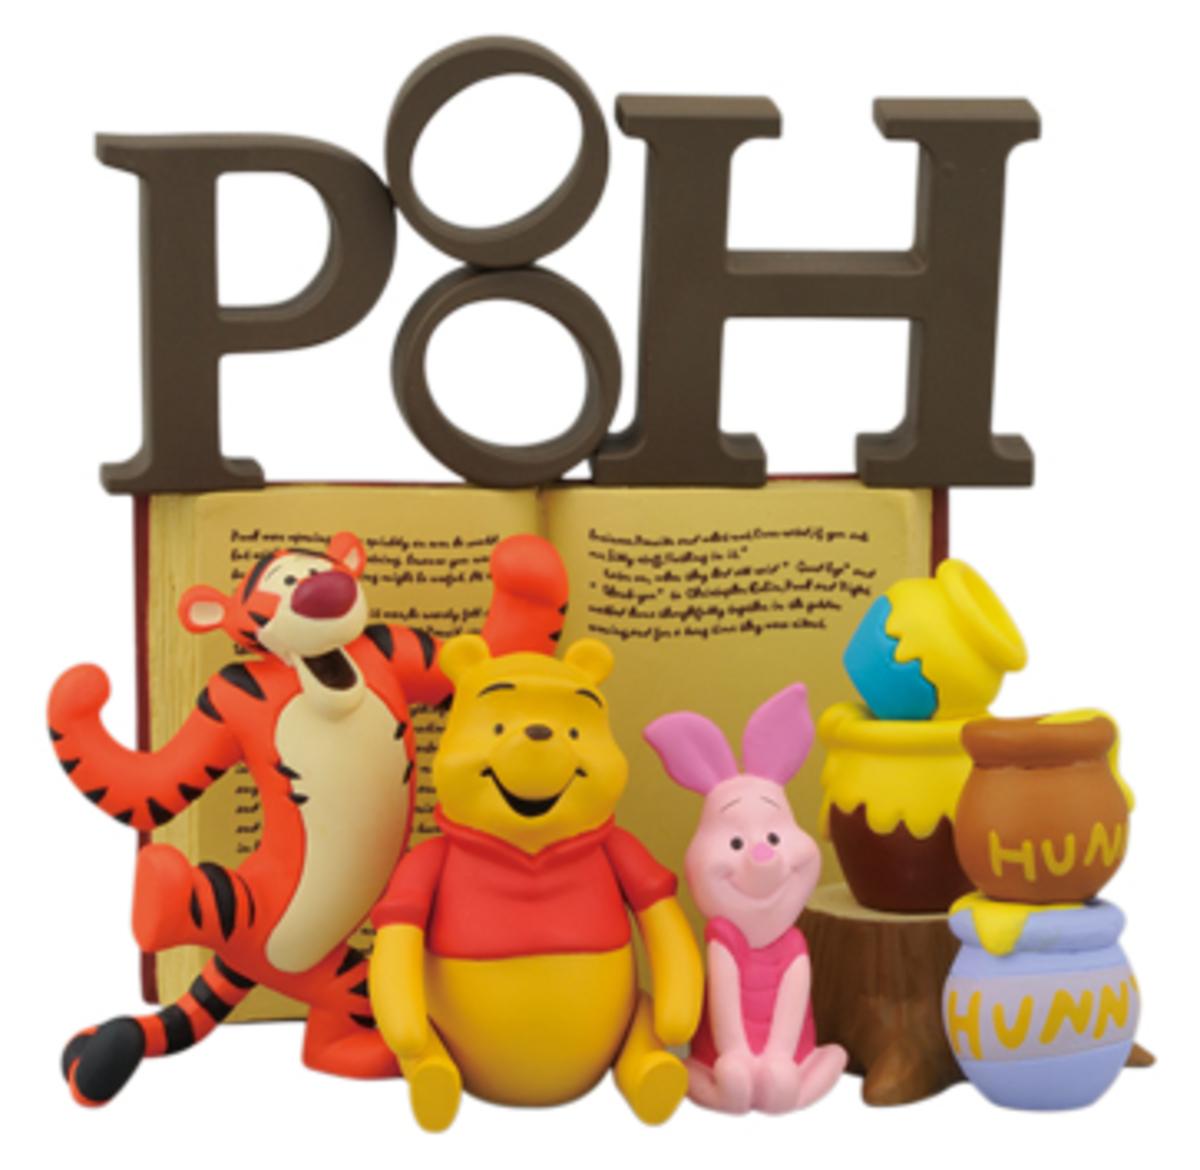 Winnie the Pooh Pile Up (Licensed by Disney)